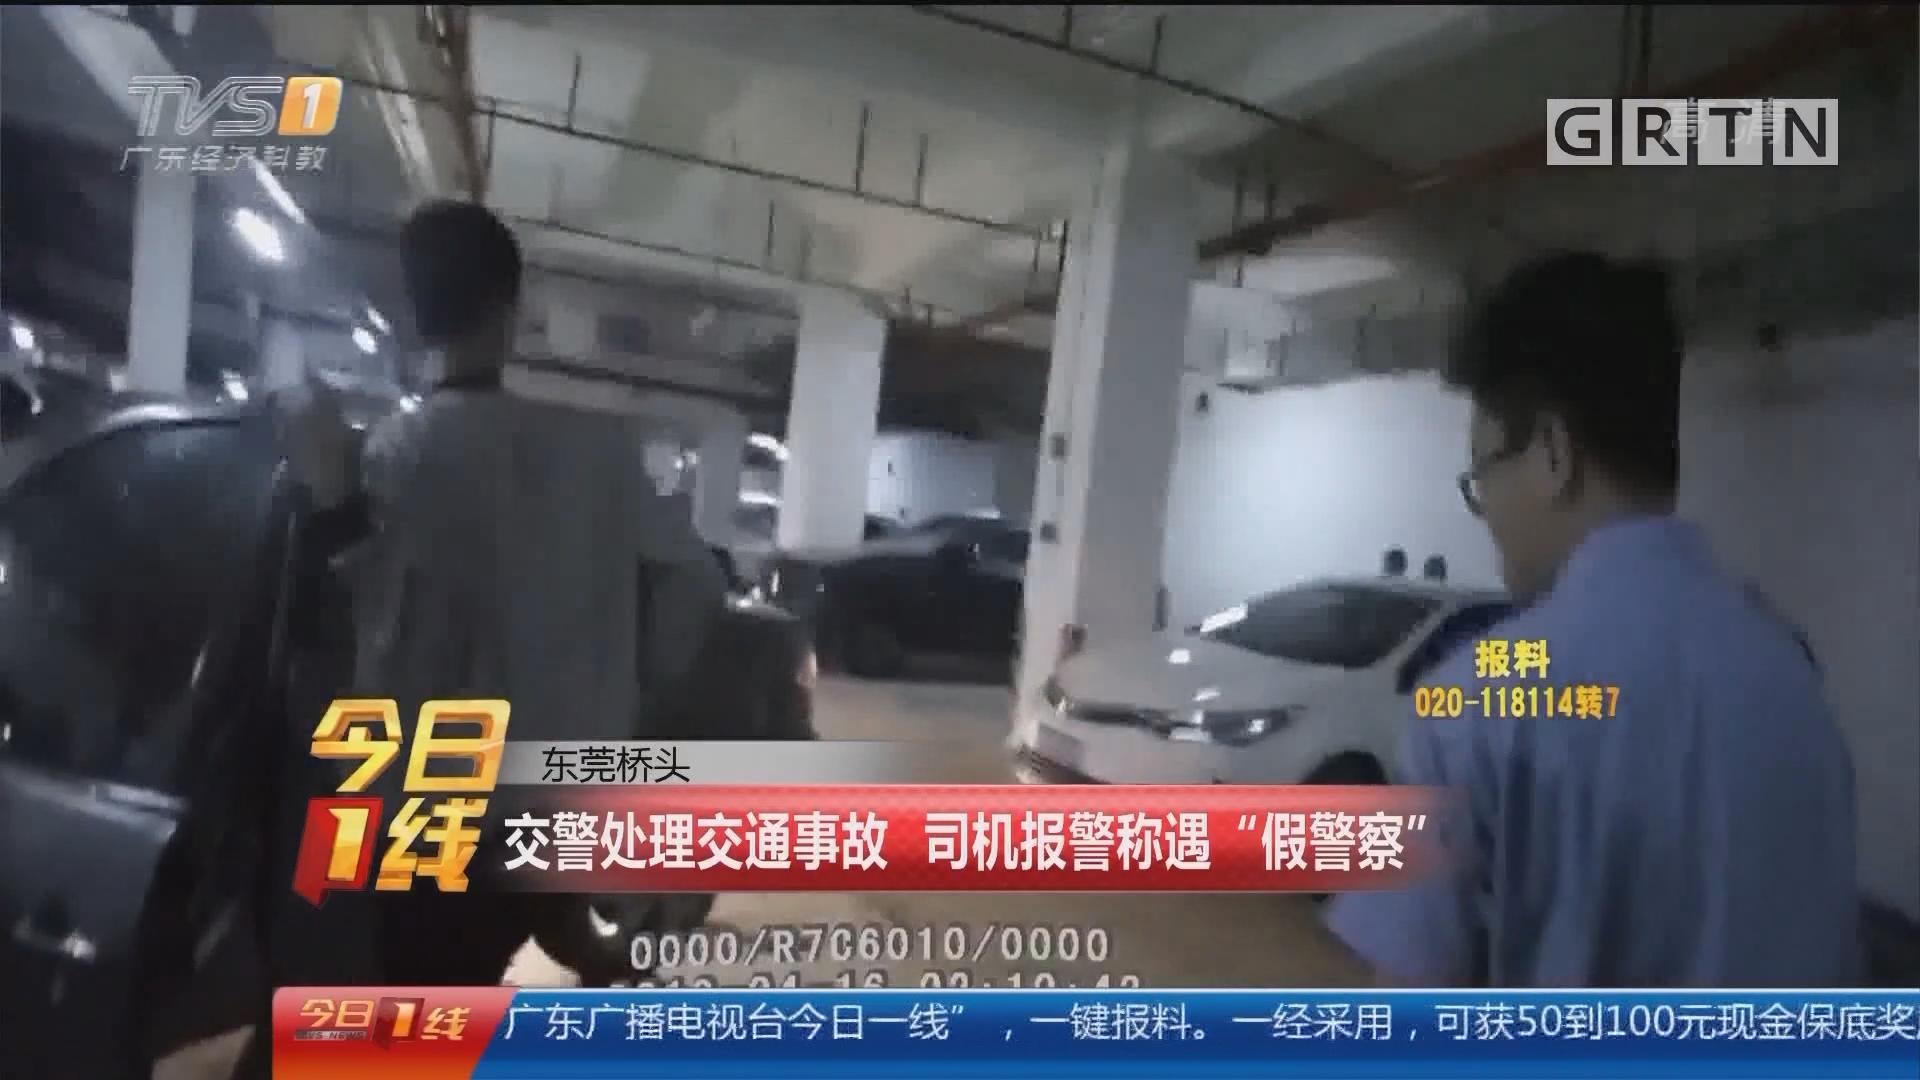 """东莞桥头:交警处理交通事故 司机报警称遇""""假警察"""""""